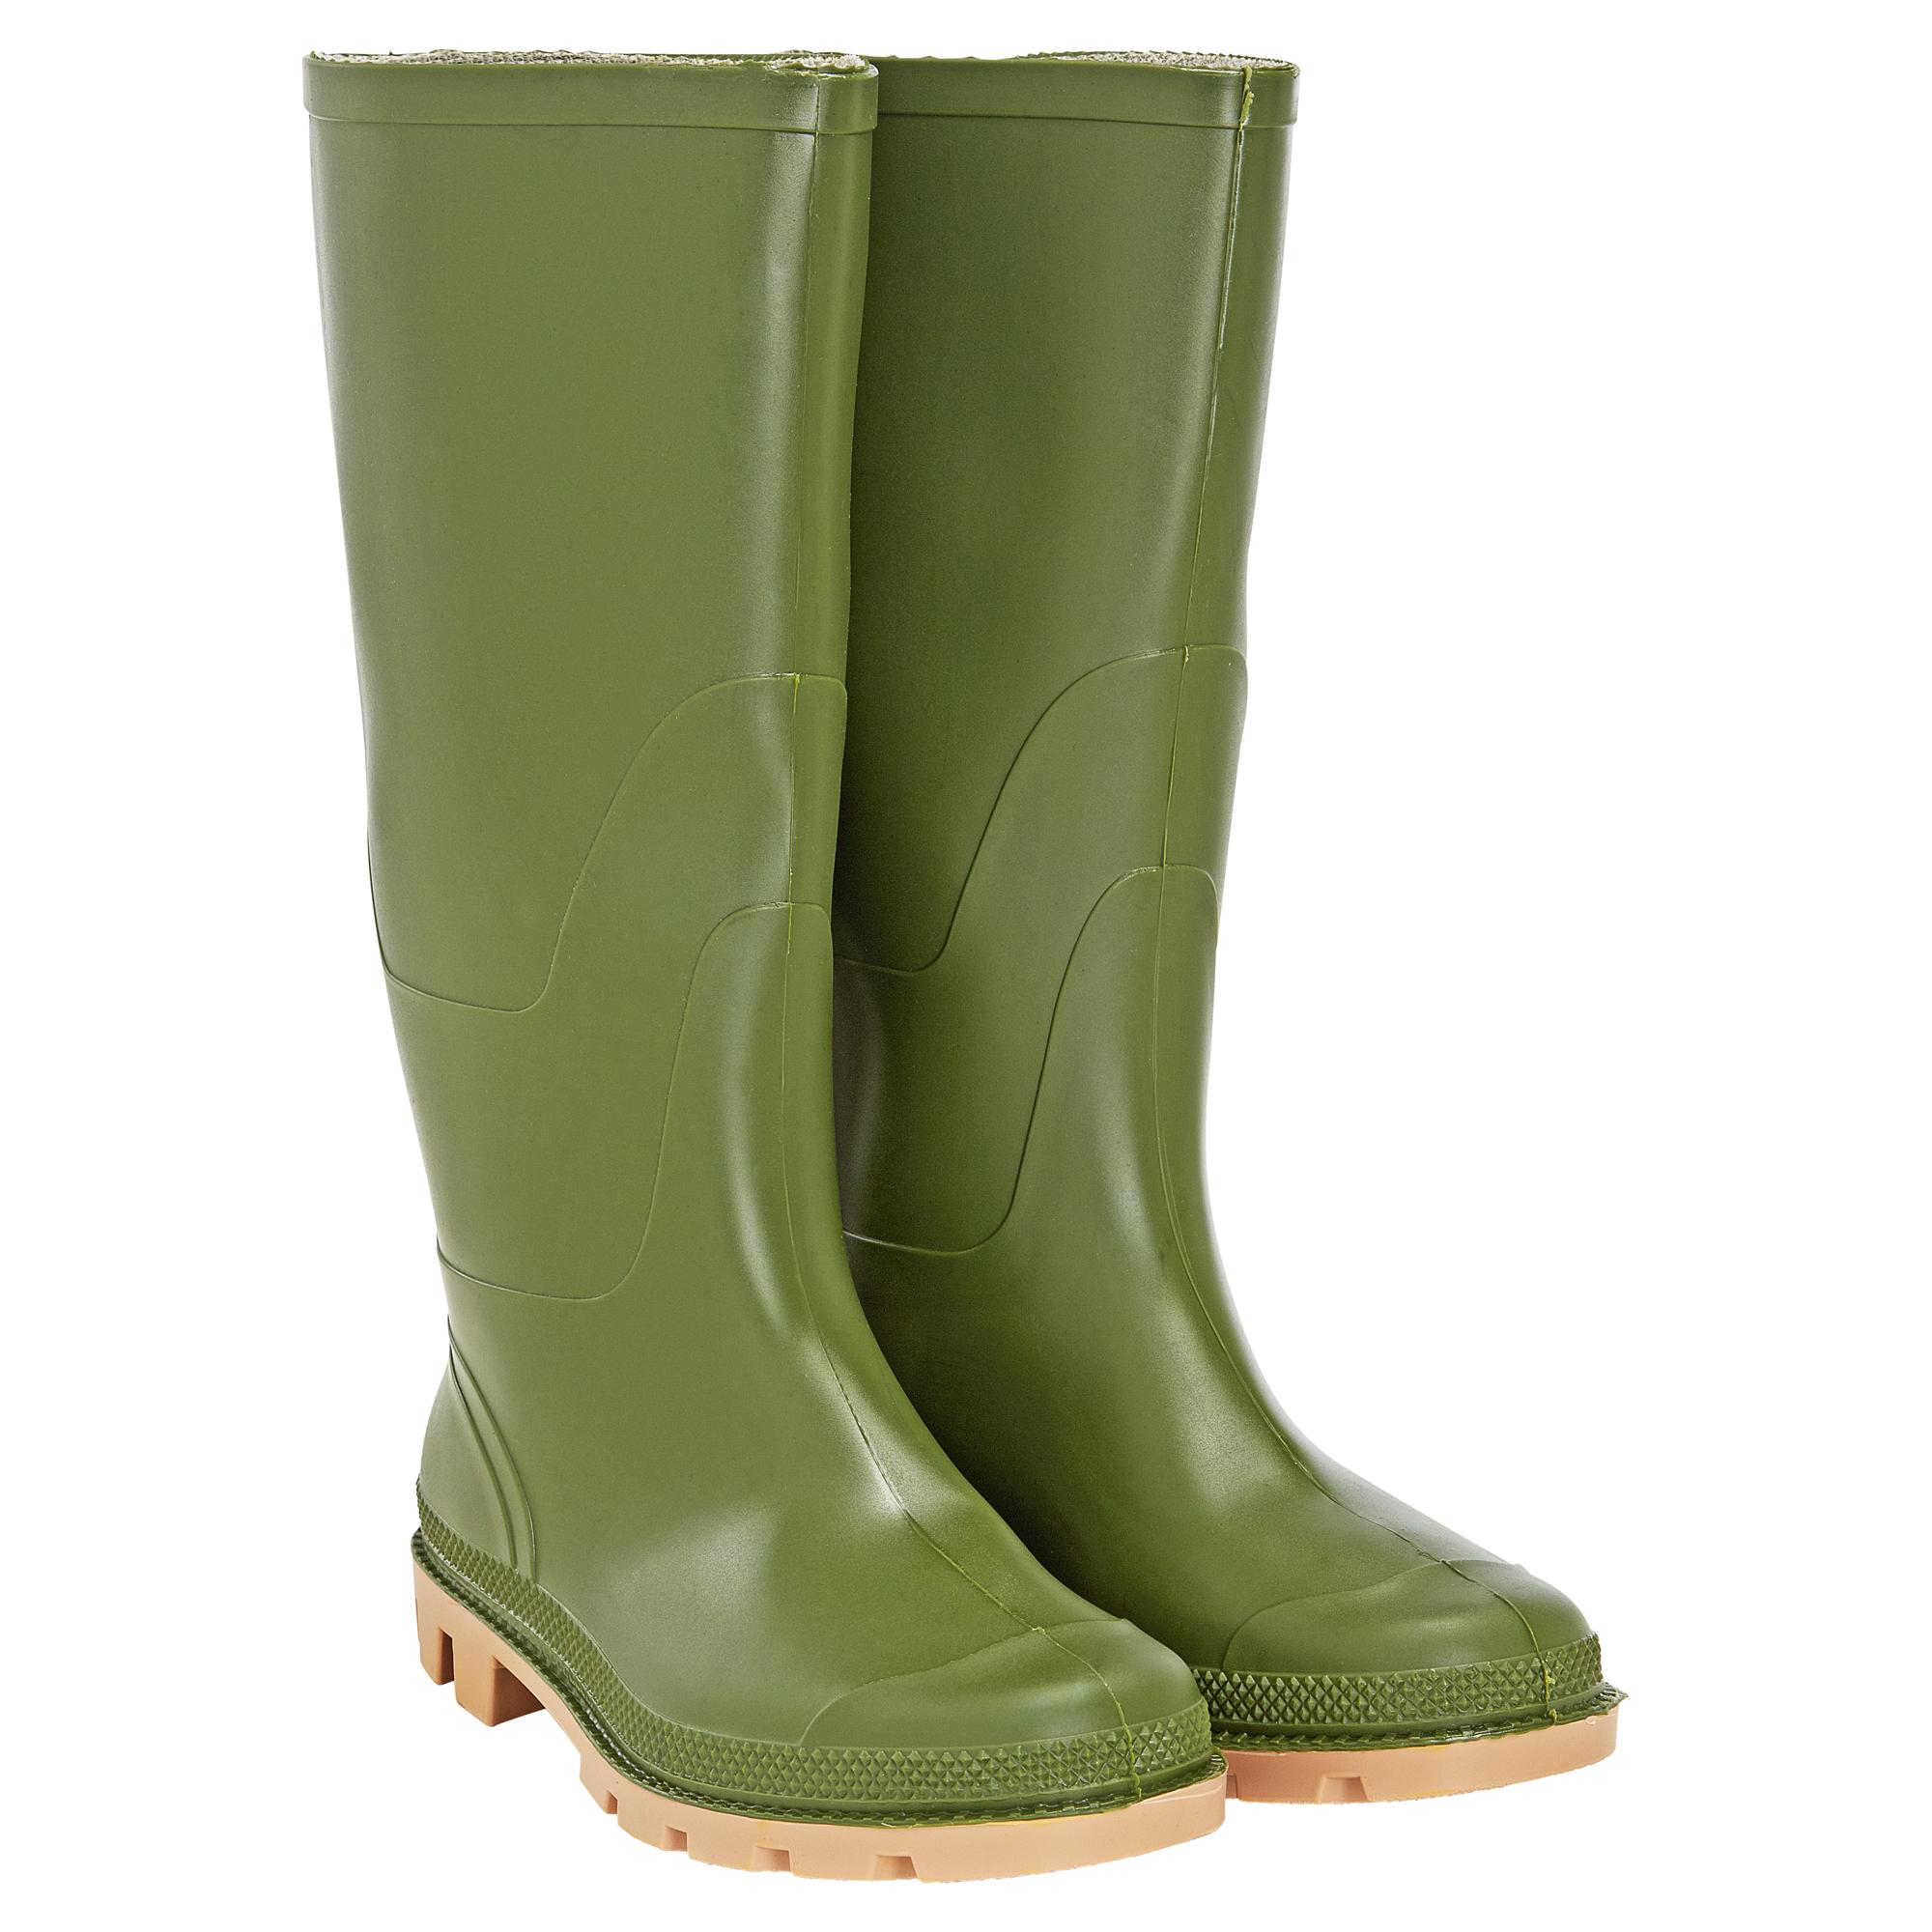 Schuhe & Stiefel Business & Industrie Dunlop Pricemastor Gummistiefel Arbeitsstiefel Boots Stiefel Weiß Gr.45